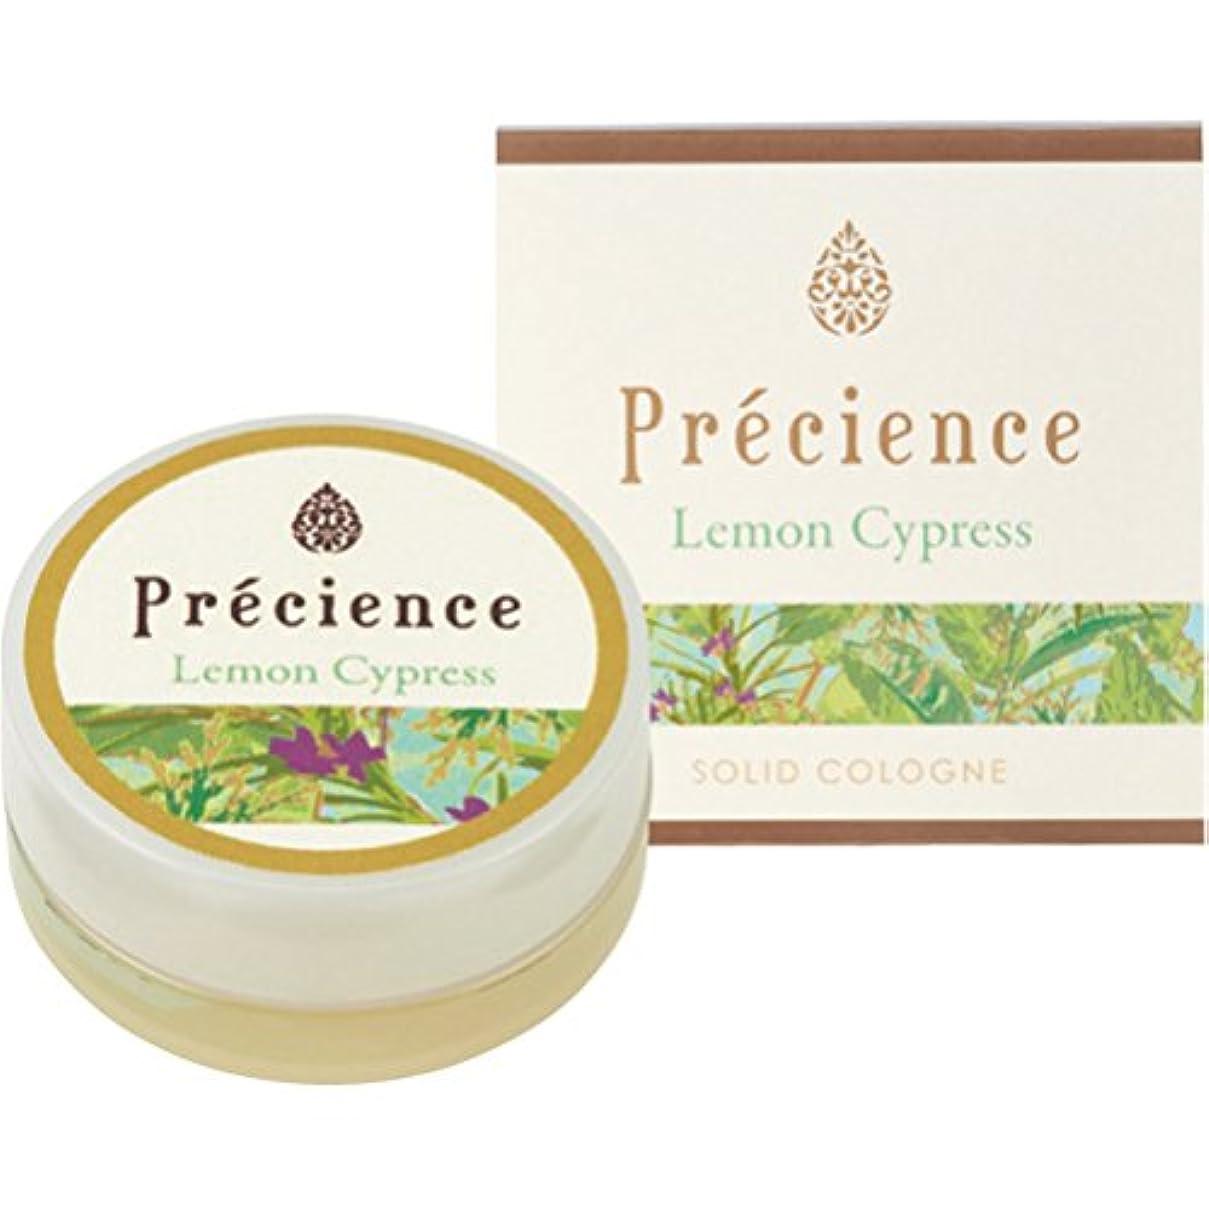 リダクタープレゼン満たすプレッシェンス ソリッドコロン(練り香水) レモンサイプレス5g